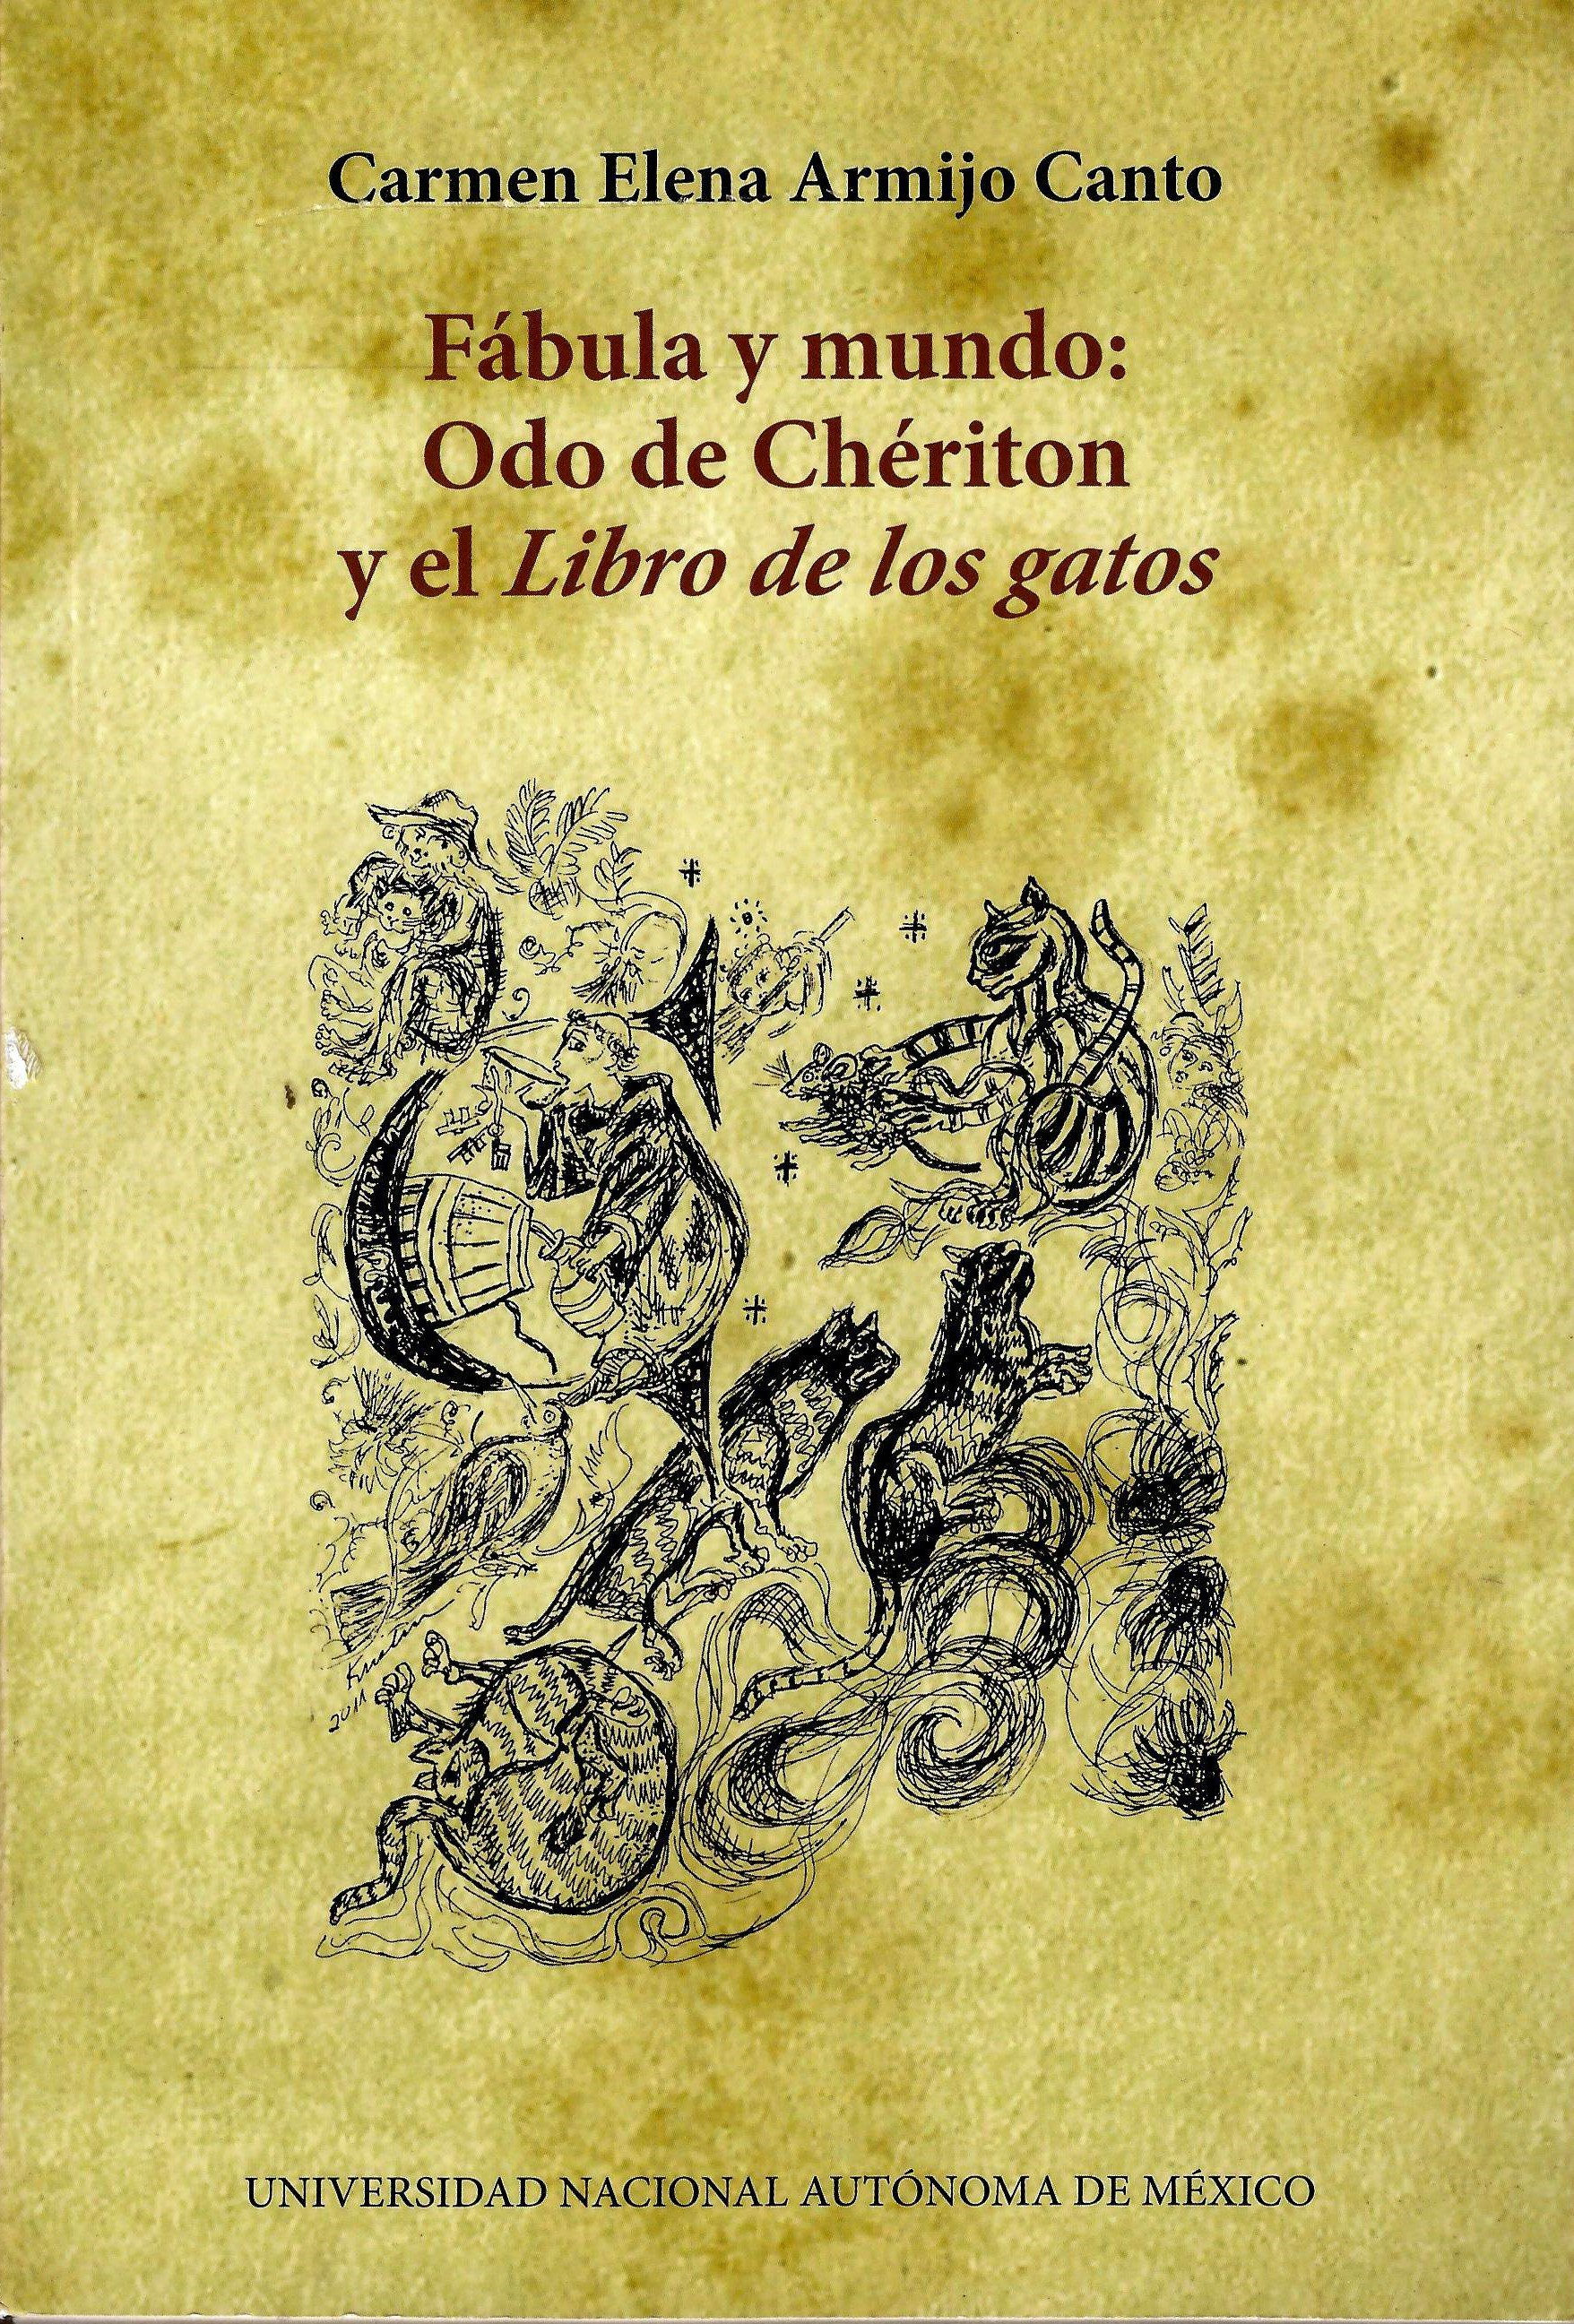 Fábulas y mundo: Odo de Chériton y el libro de los gatos